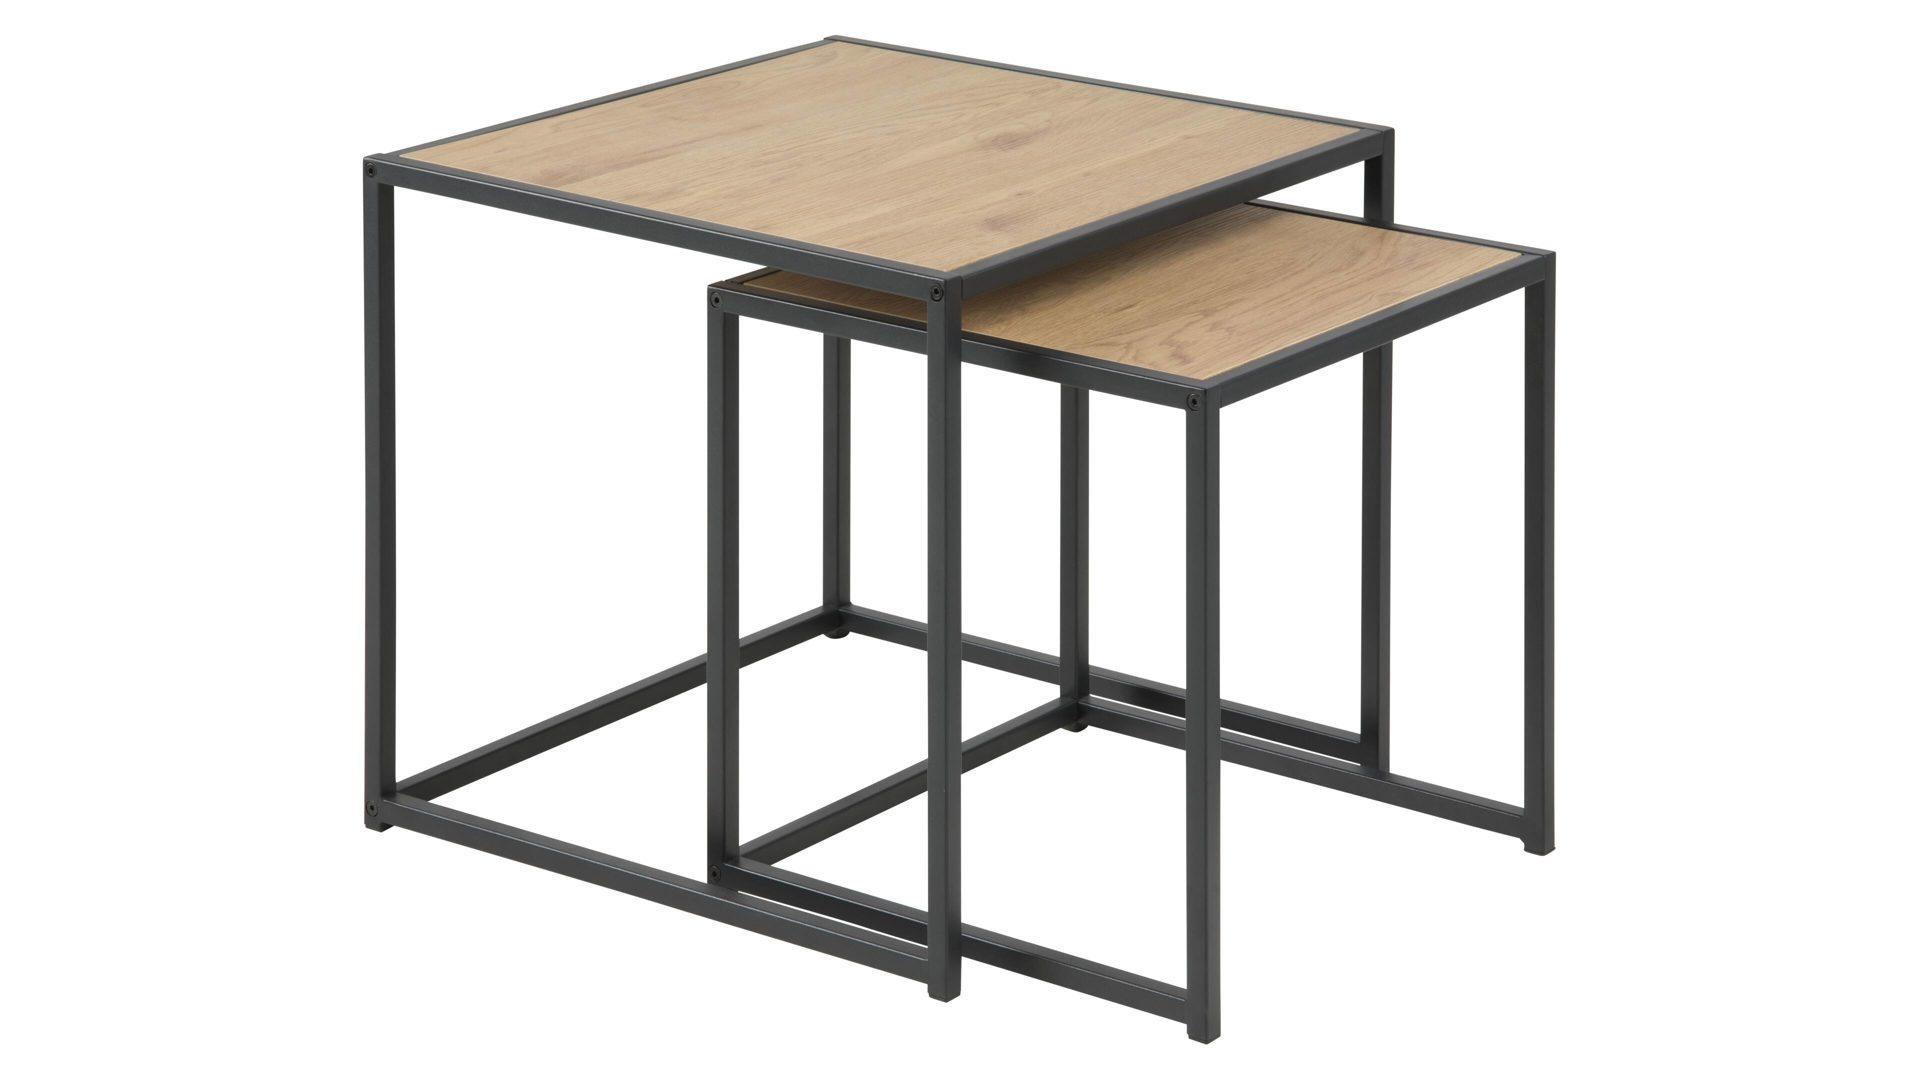 Jobst Wohnwelt Traunreut, Möbel A-Z, Büromöbel, 2-Satz-Tisch, 2-Satz ...